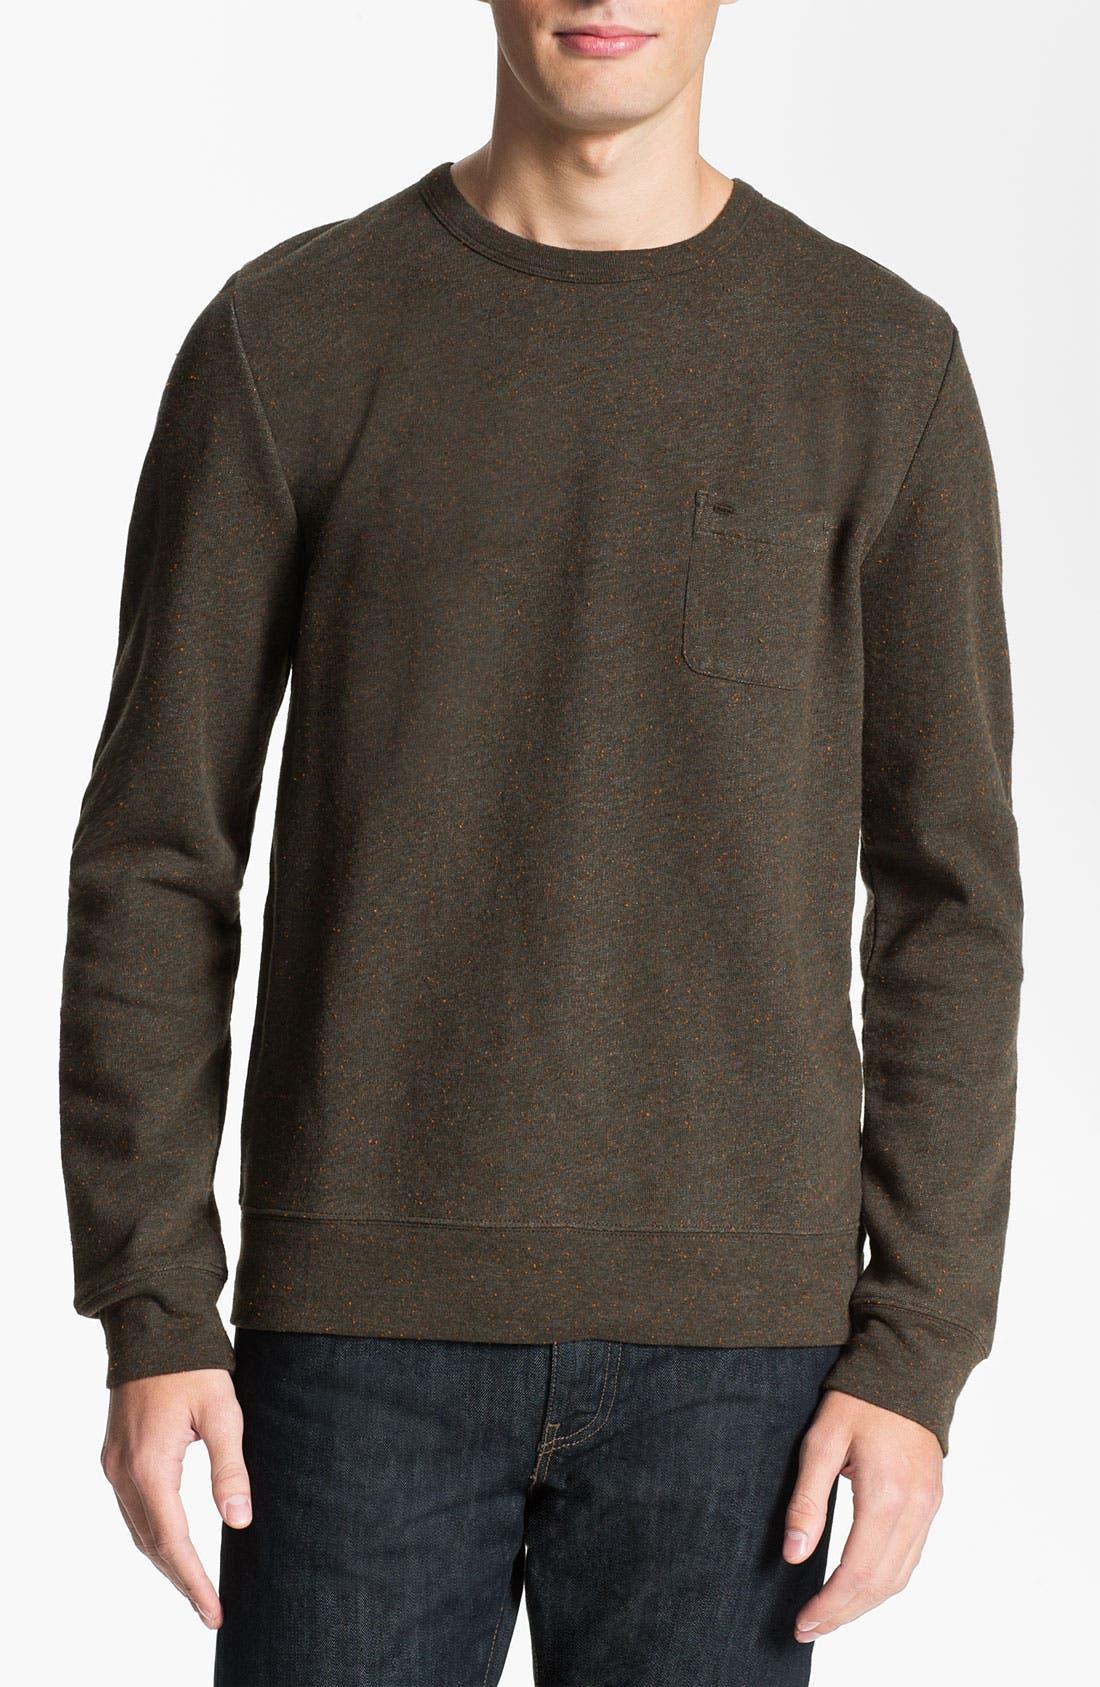 Main Image - Obey 'Rye' Crewneck Sweatshirt